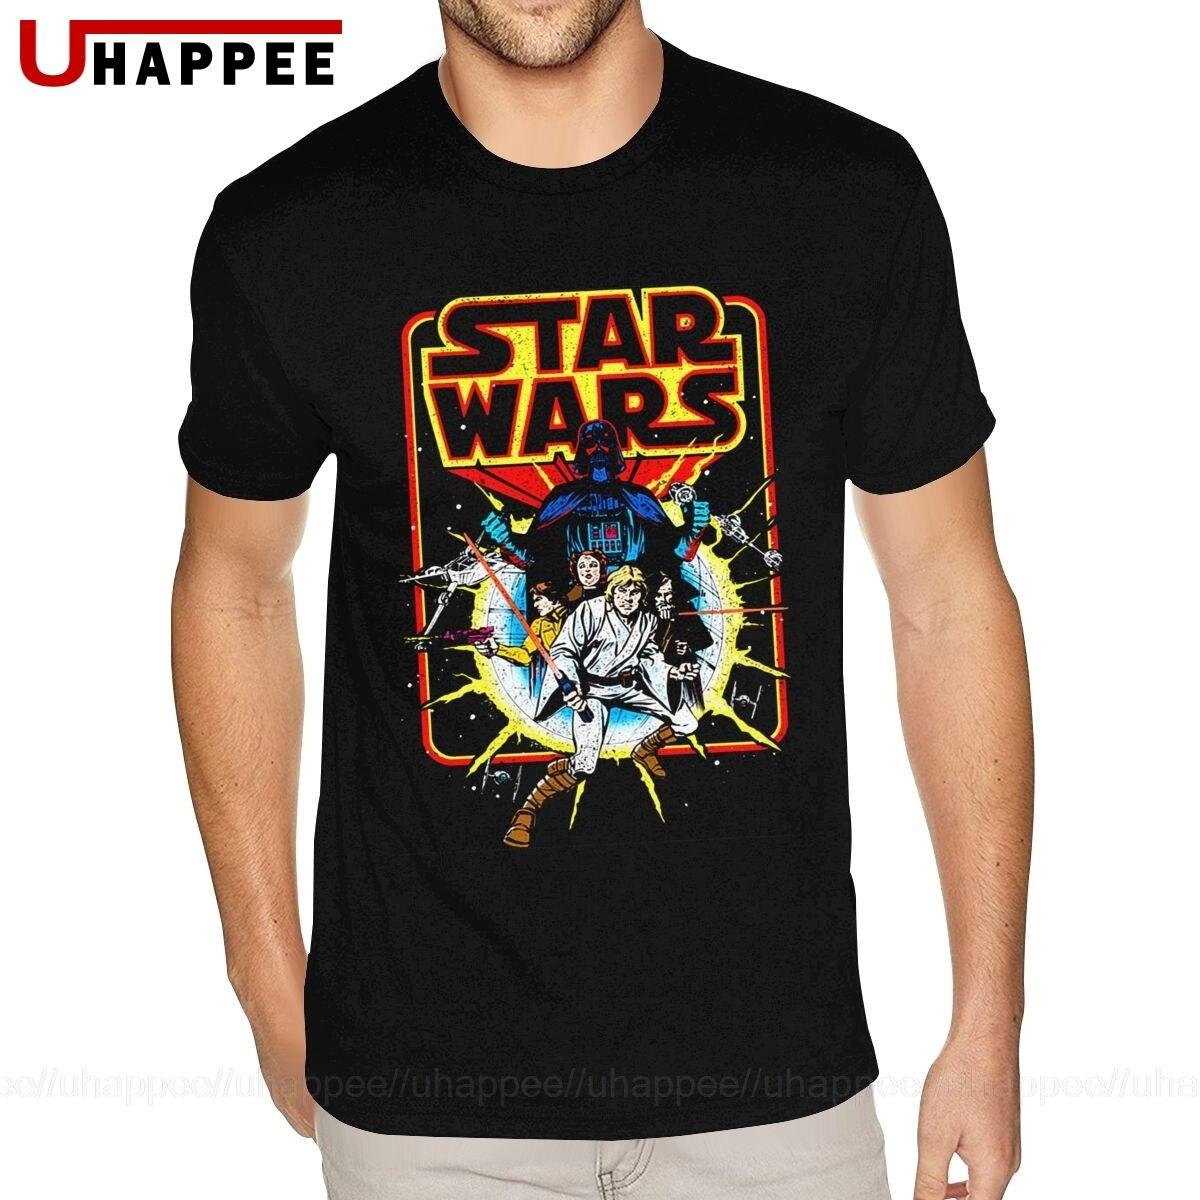 Большие ретро Звездные войны футболки мужские американский стиль модный бренд с коротким рукавом высокое качество футболка Guy 80S винтажная ...